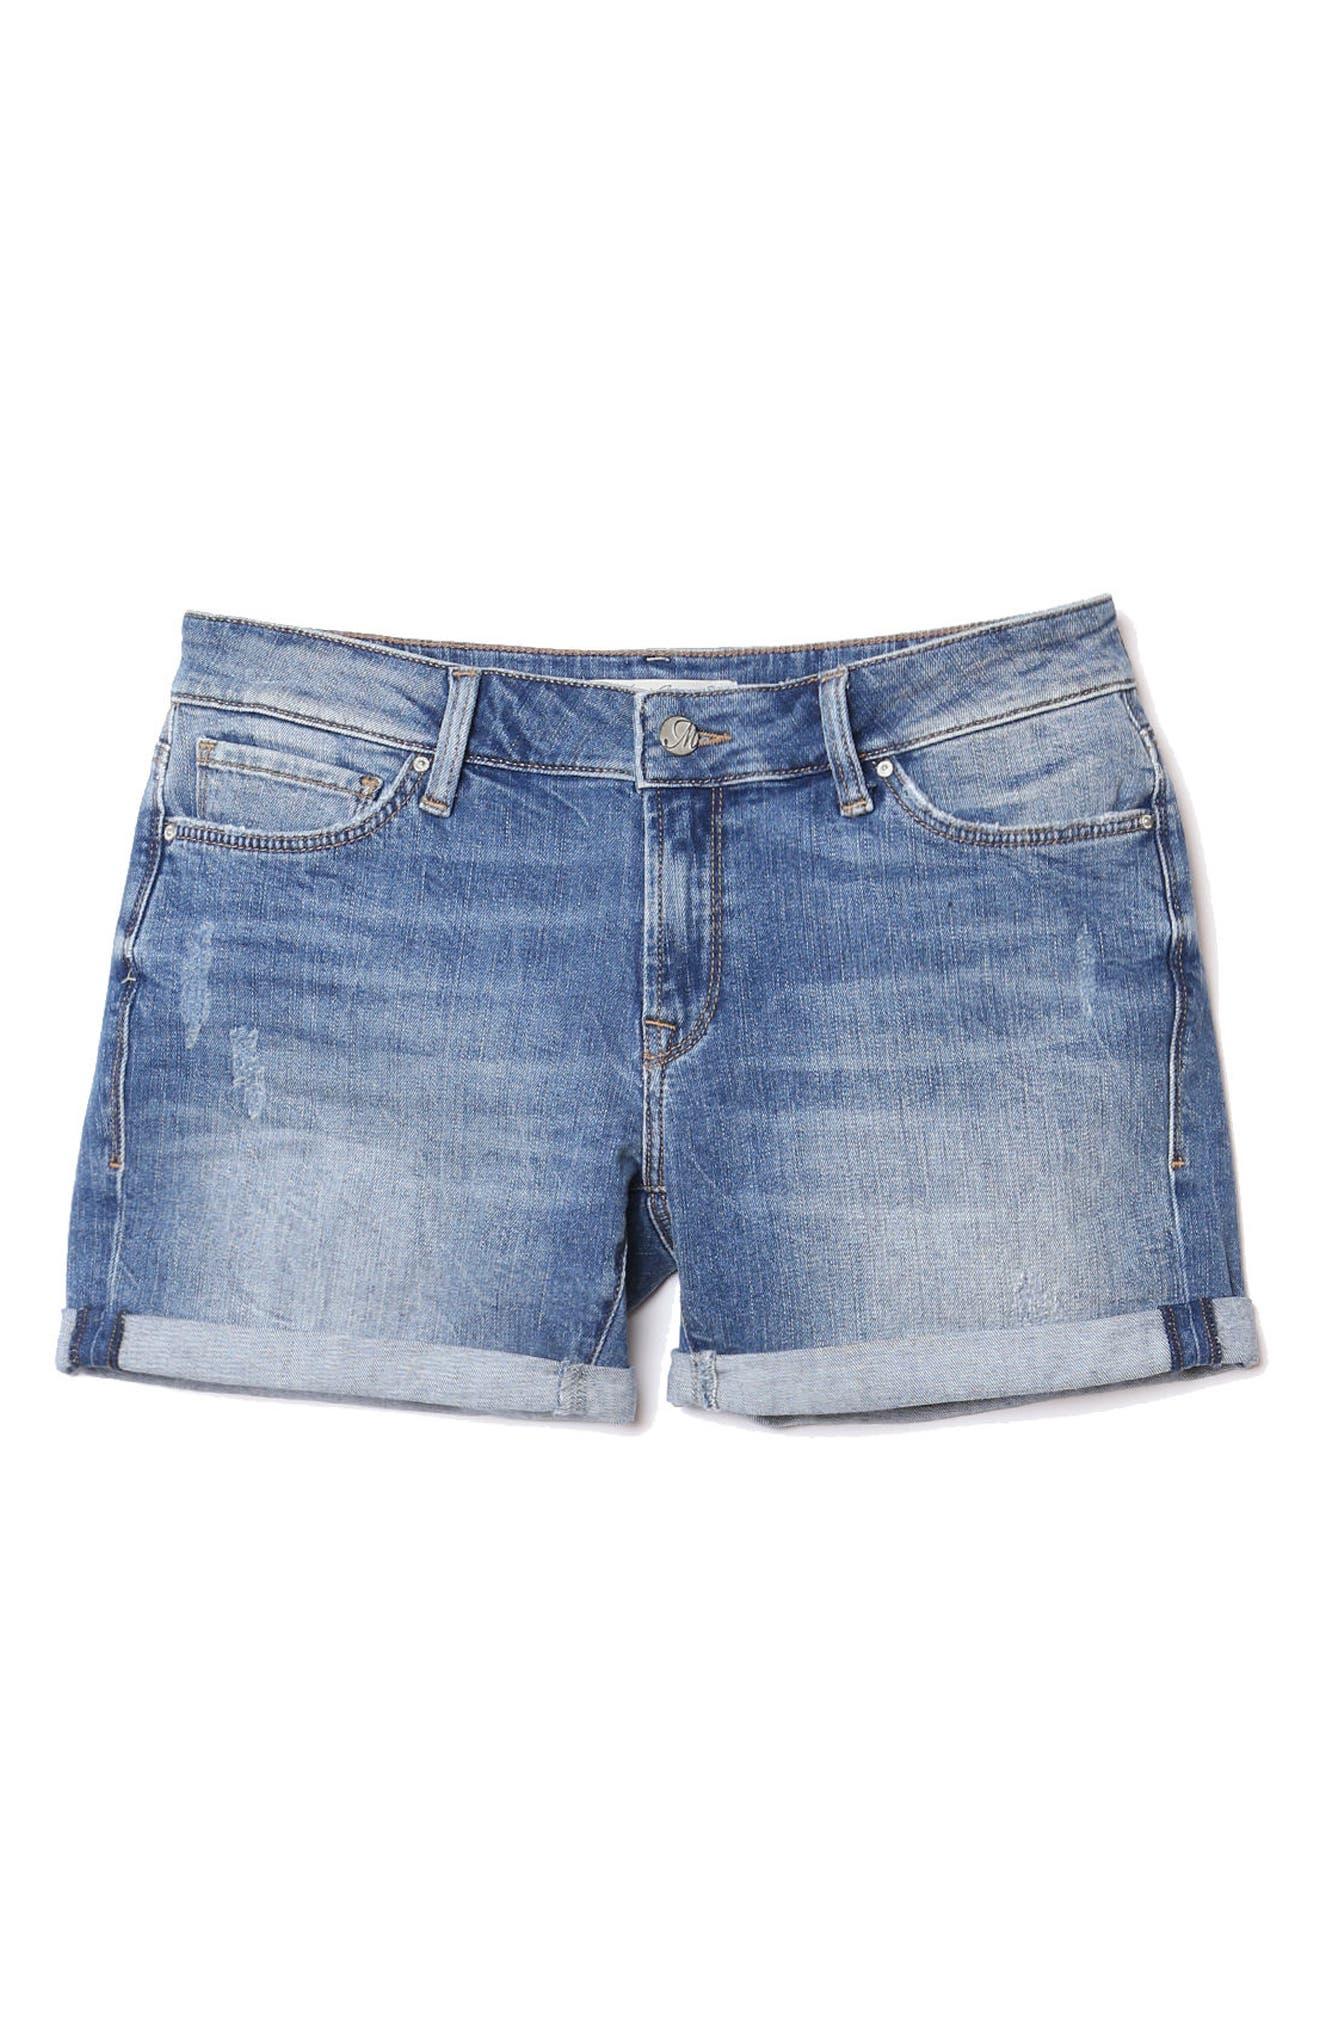 Pixie Denim Boyfriend Shorts,                             Alternate thumbnail 5, color,                             DISTRESSED VINTAGE